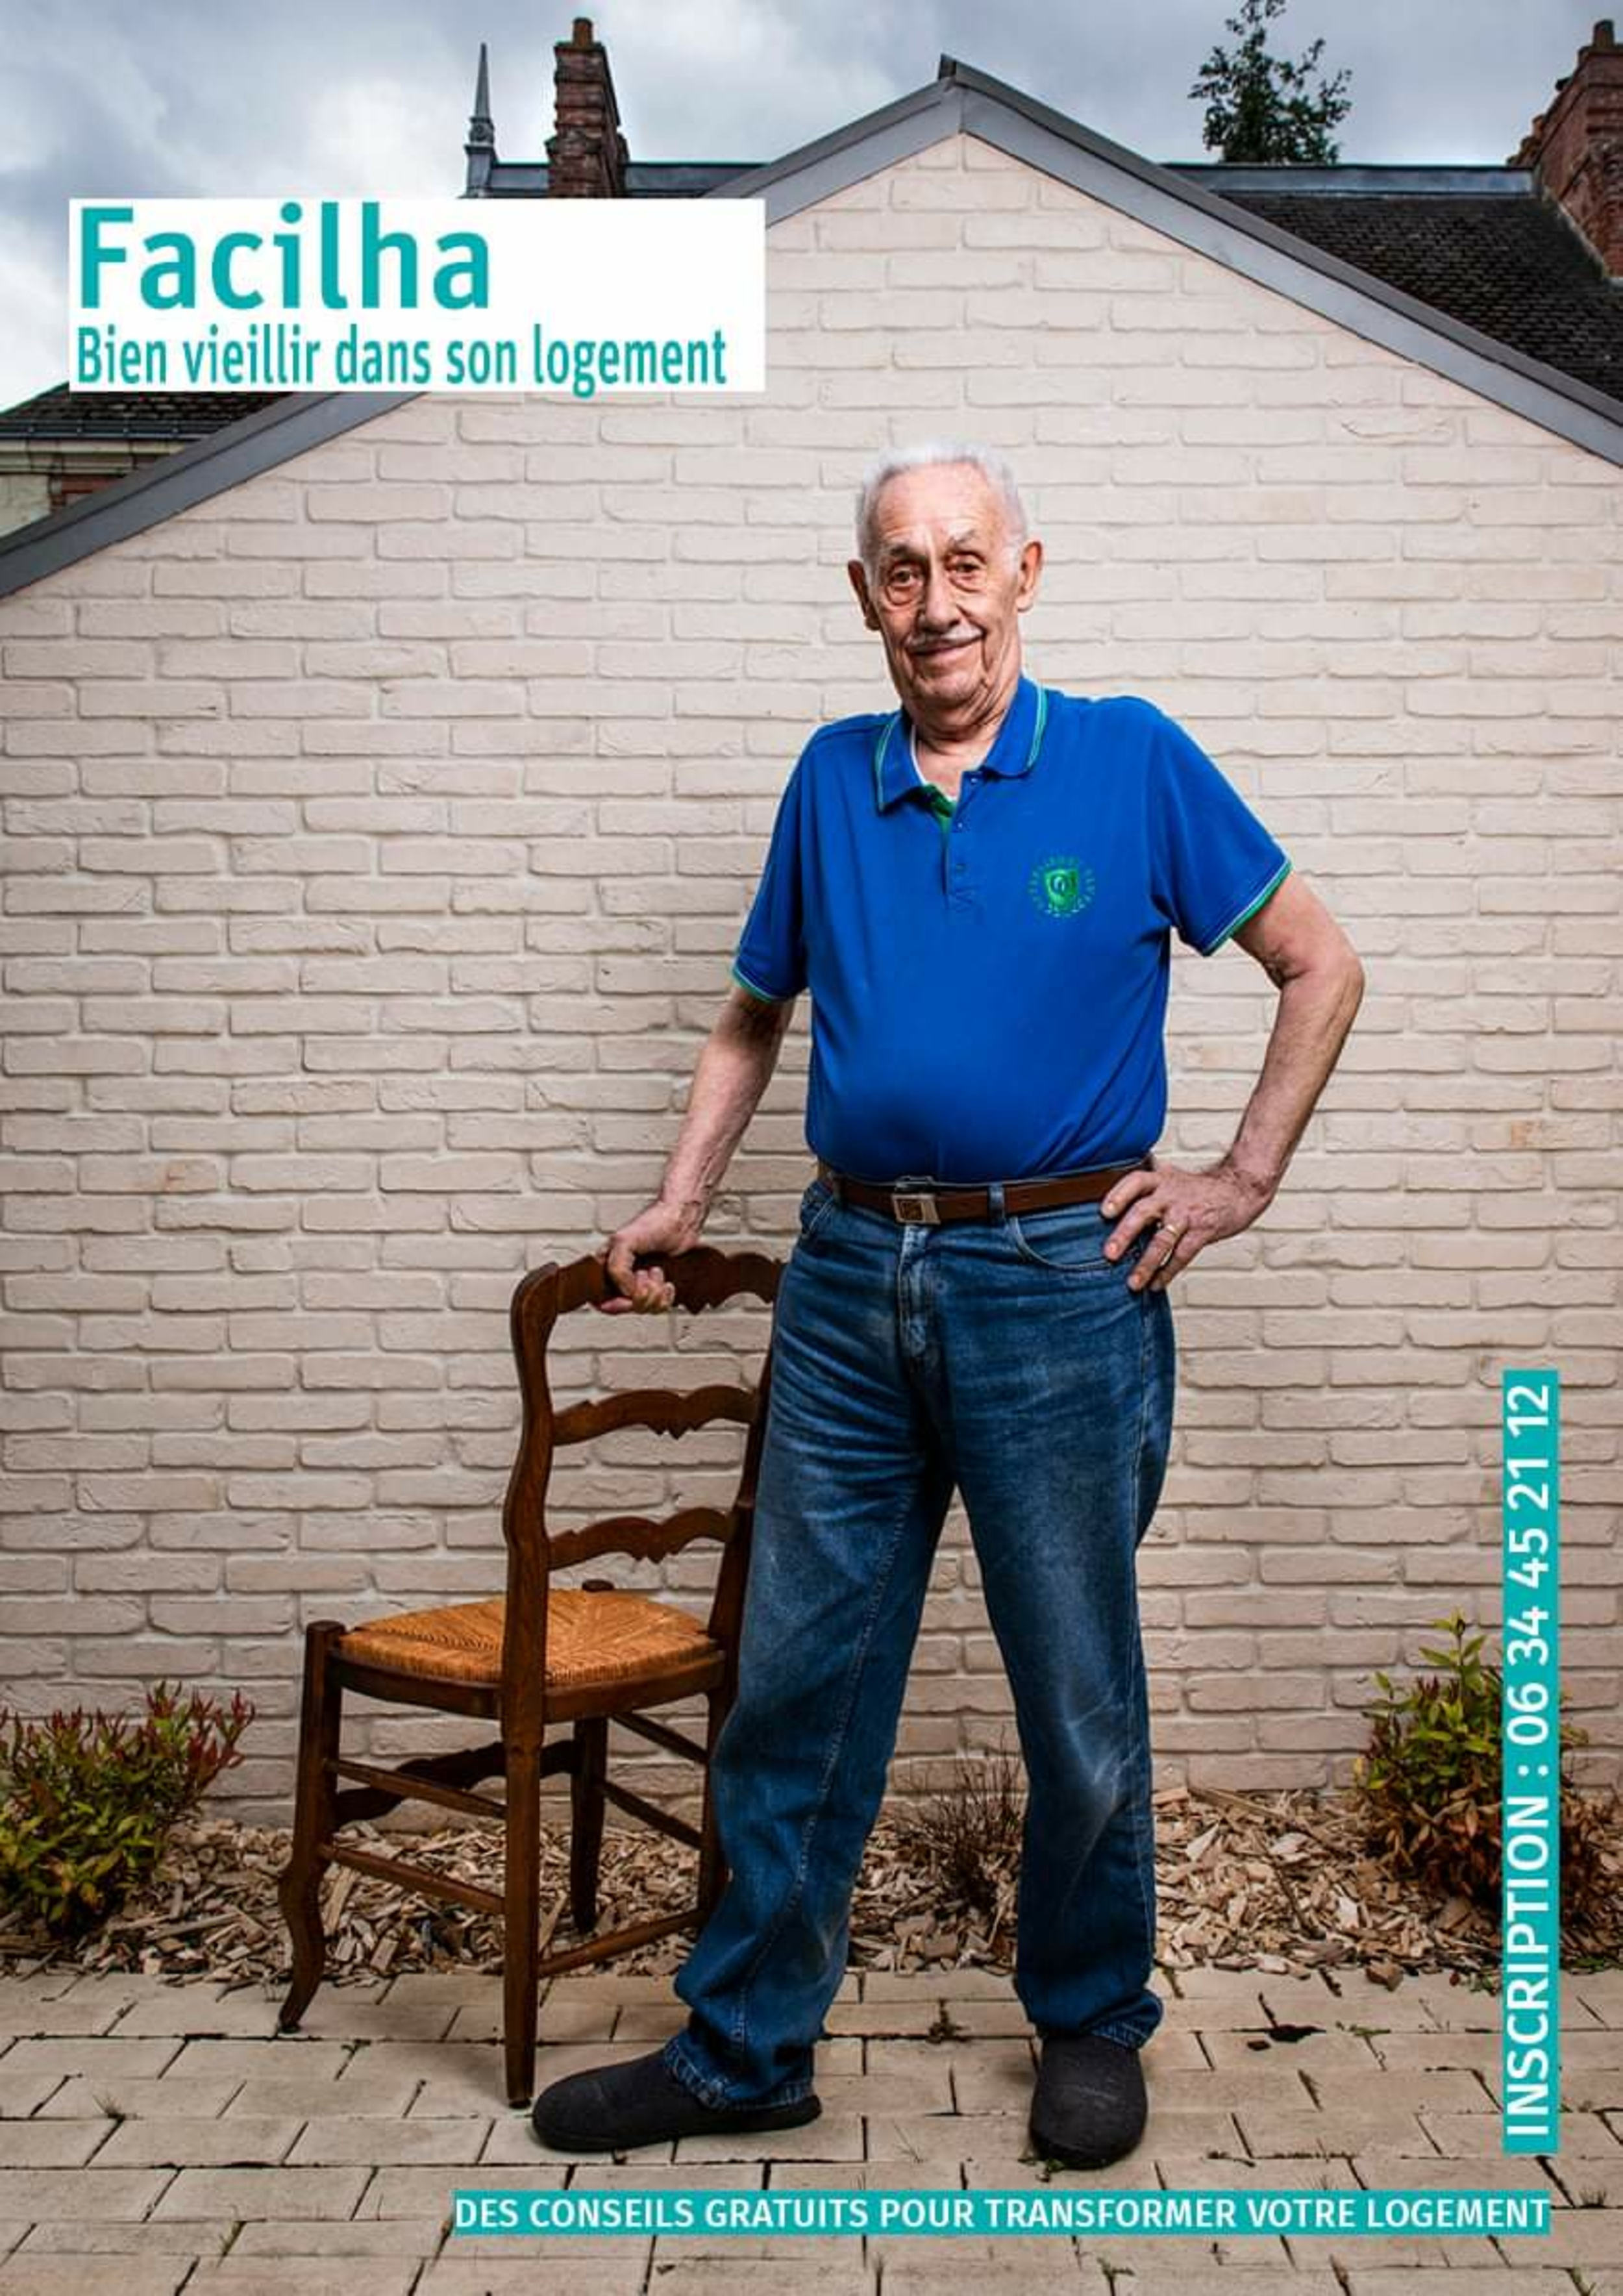 Bien vieillir dans son logement